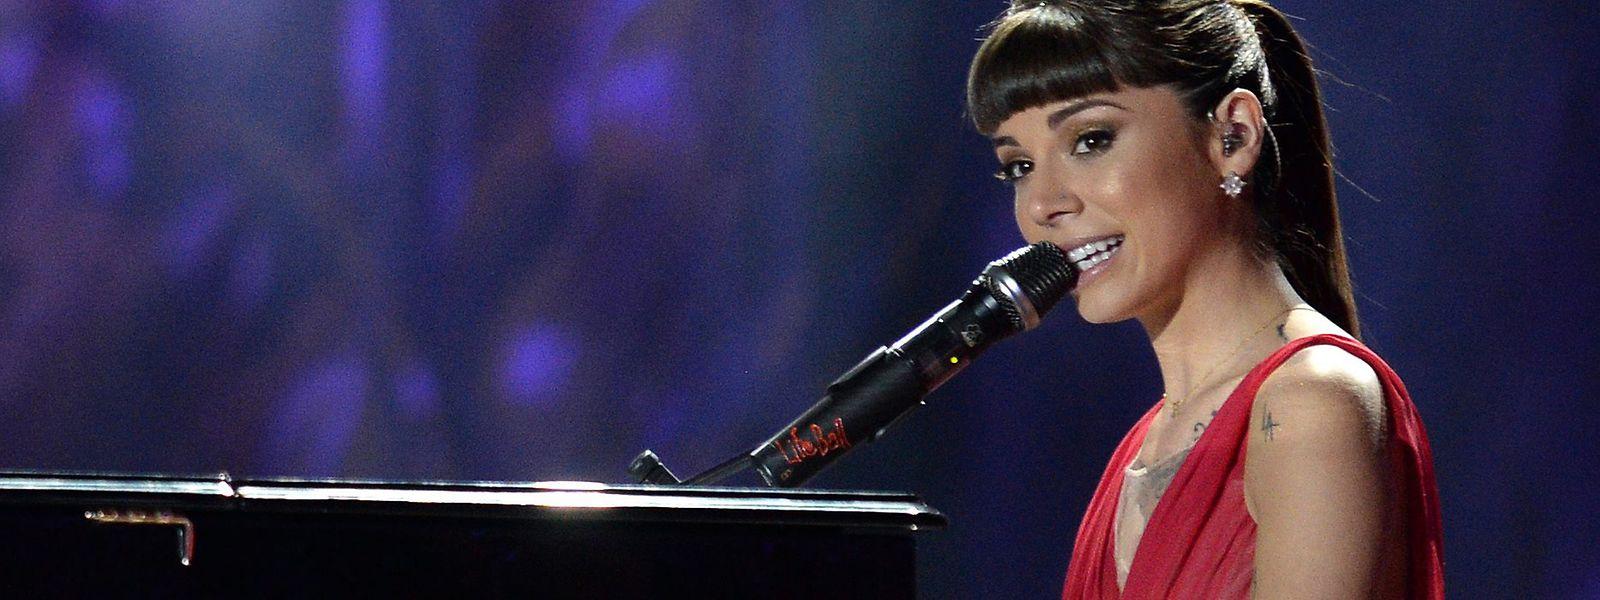 Sängerin Christina Perri bei einem Auftritt im Jahr 2014.